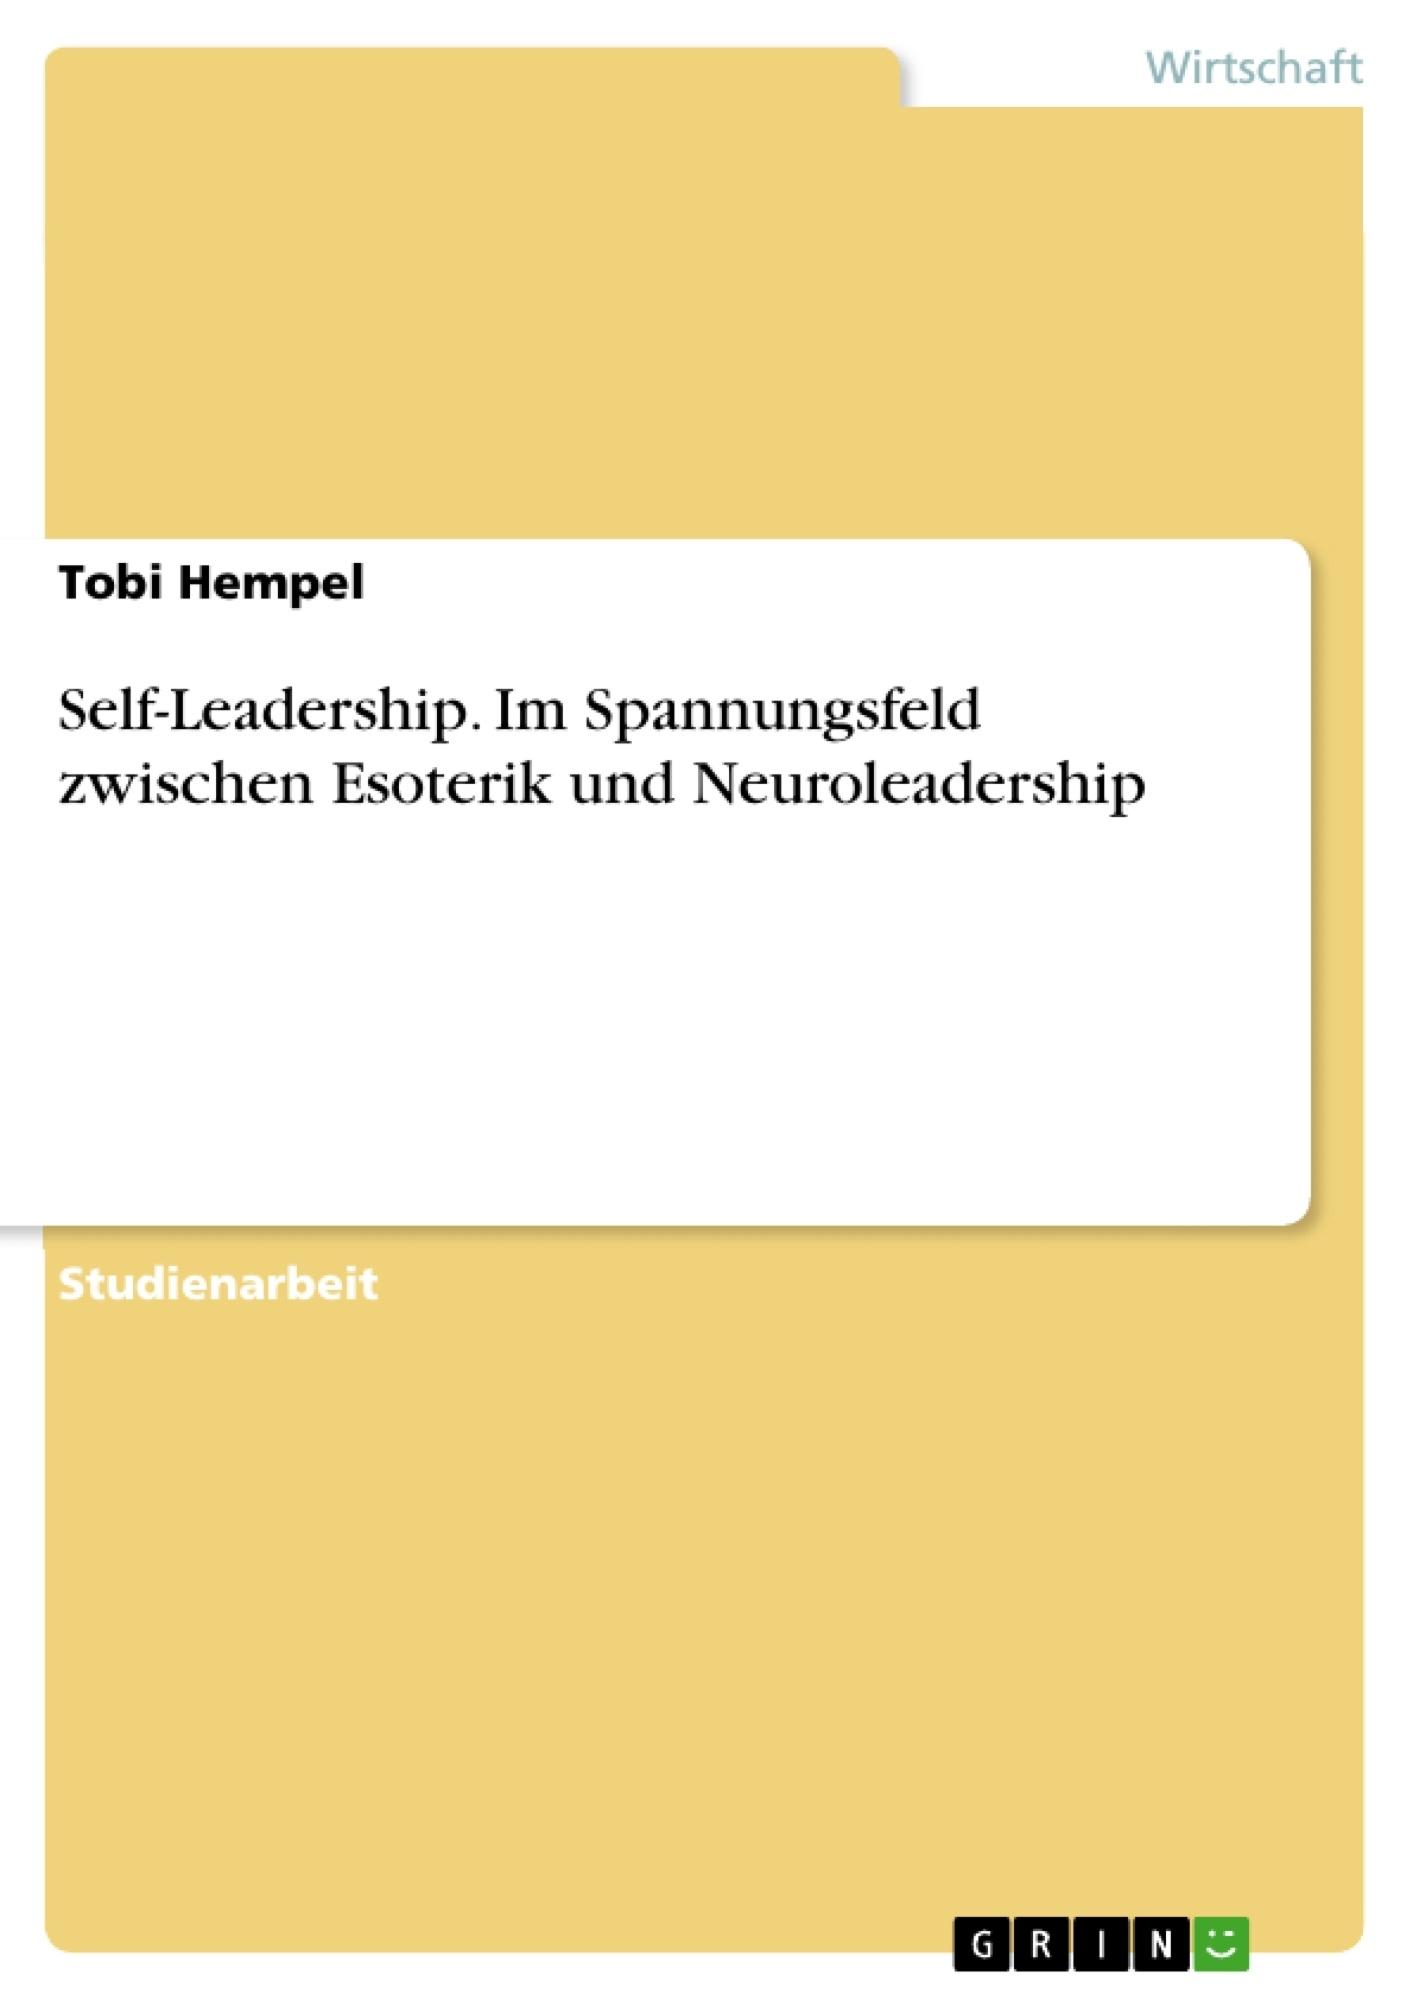 Titel: Self-Leadership. Im Spannungsfeld zwischen Esoterik und Neuroleadership